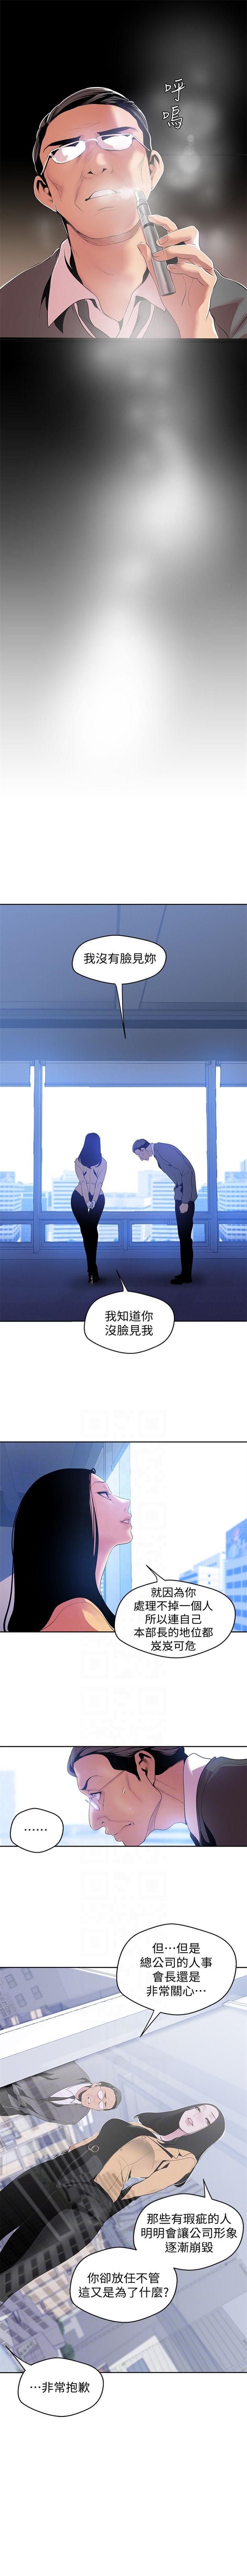 (週1)美麗新世界 1-76 中文翻譯 (更新中) 410